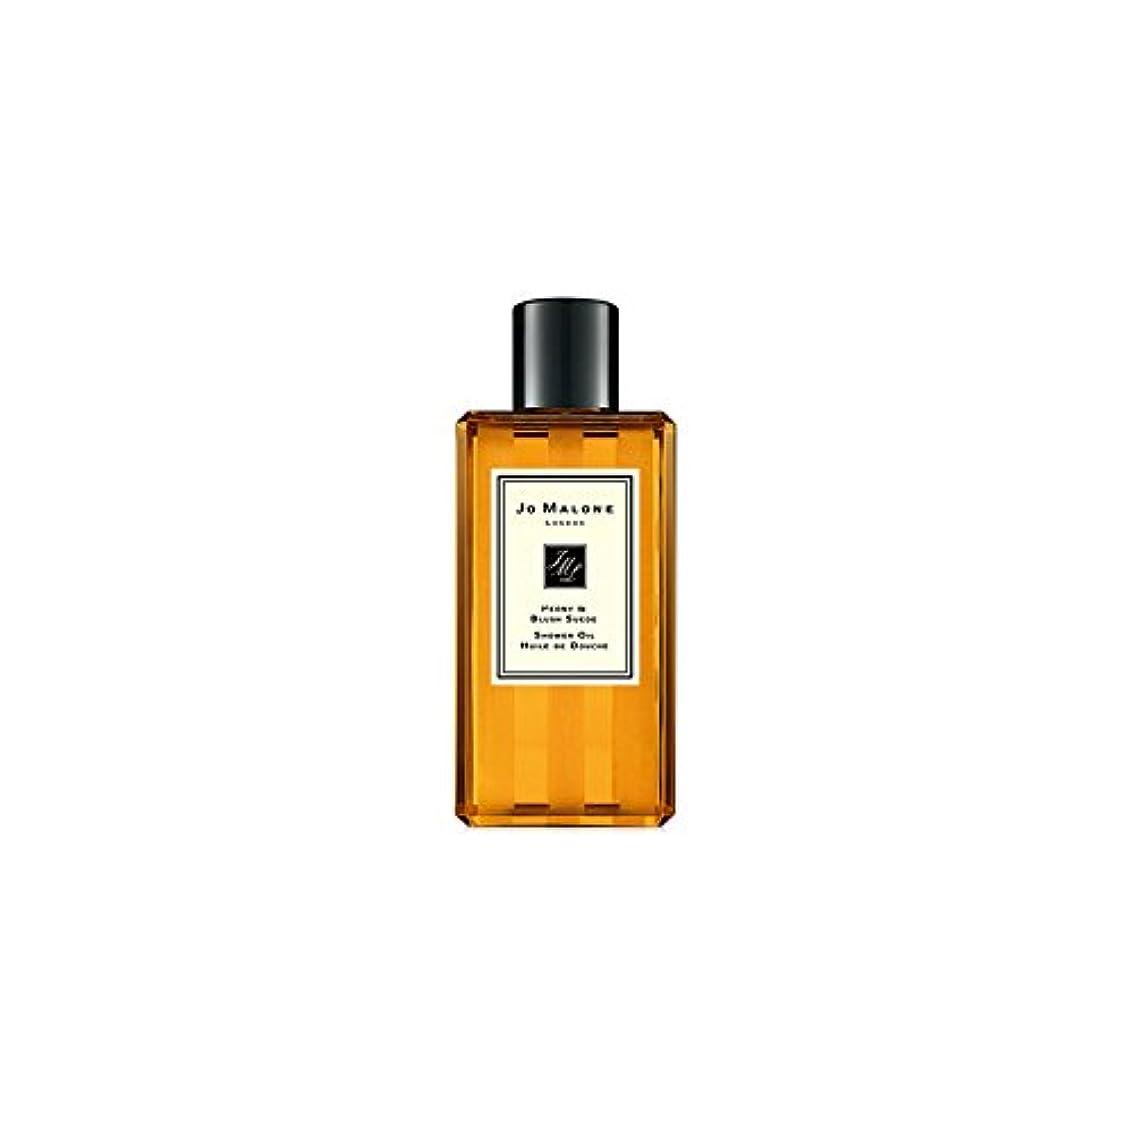 リーク無し履歴書Jo Malone Peony & Blush Suede Shower Oil - 250ml (Pack of 6) - ジョーマローン牡丹&スエードシャワーオイル赤面 - 250ミリリットル (x6) [並行輸入品]